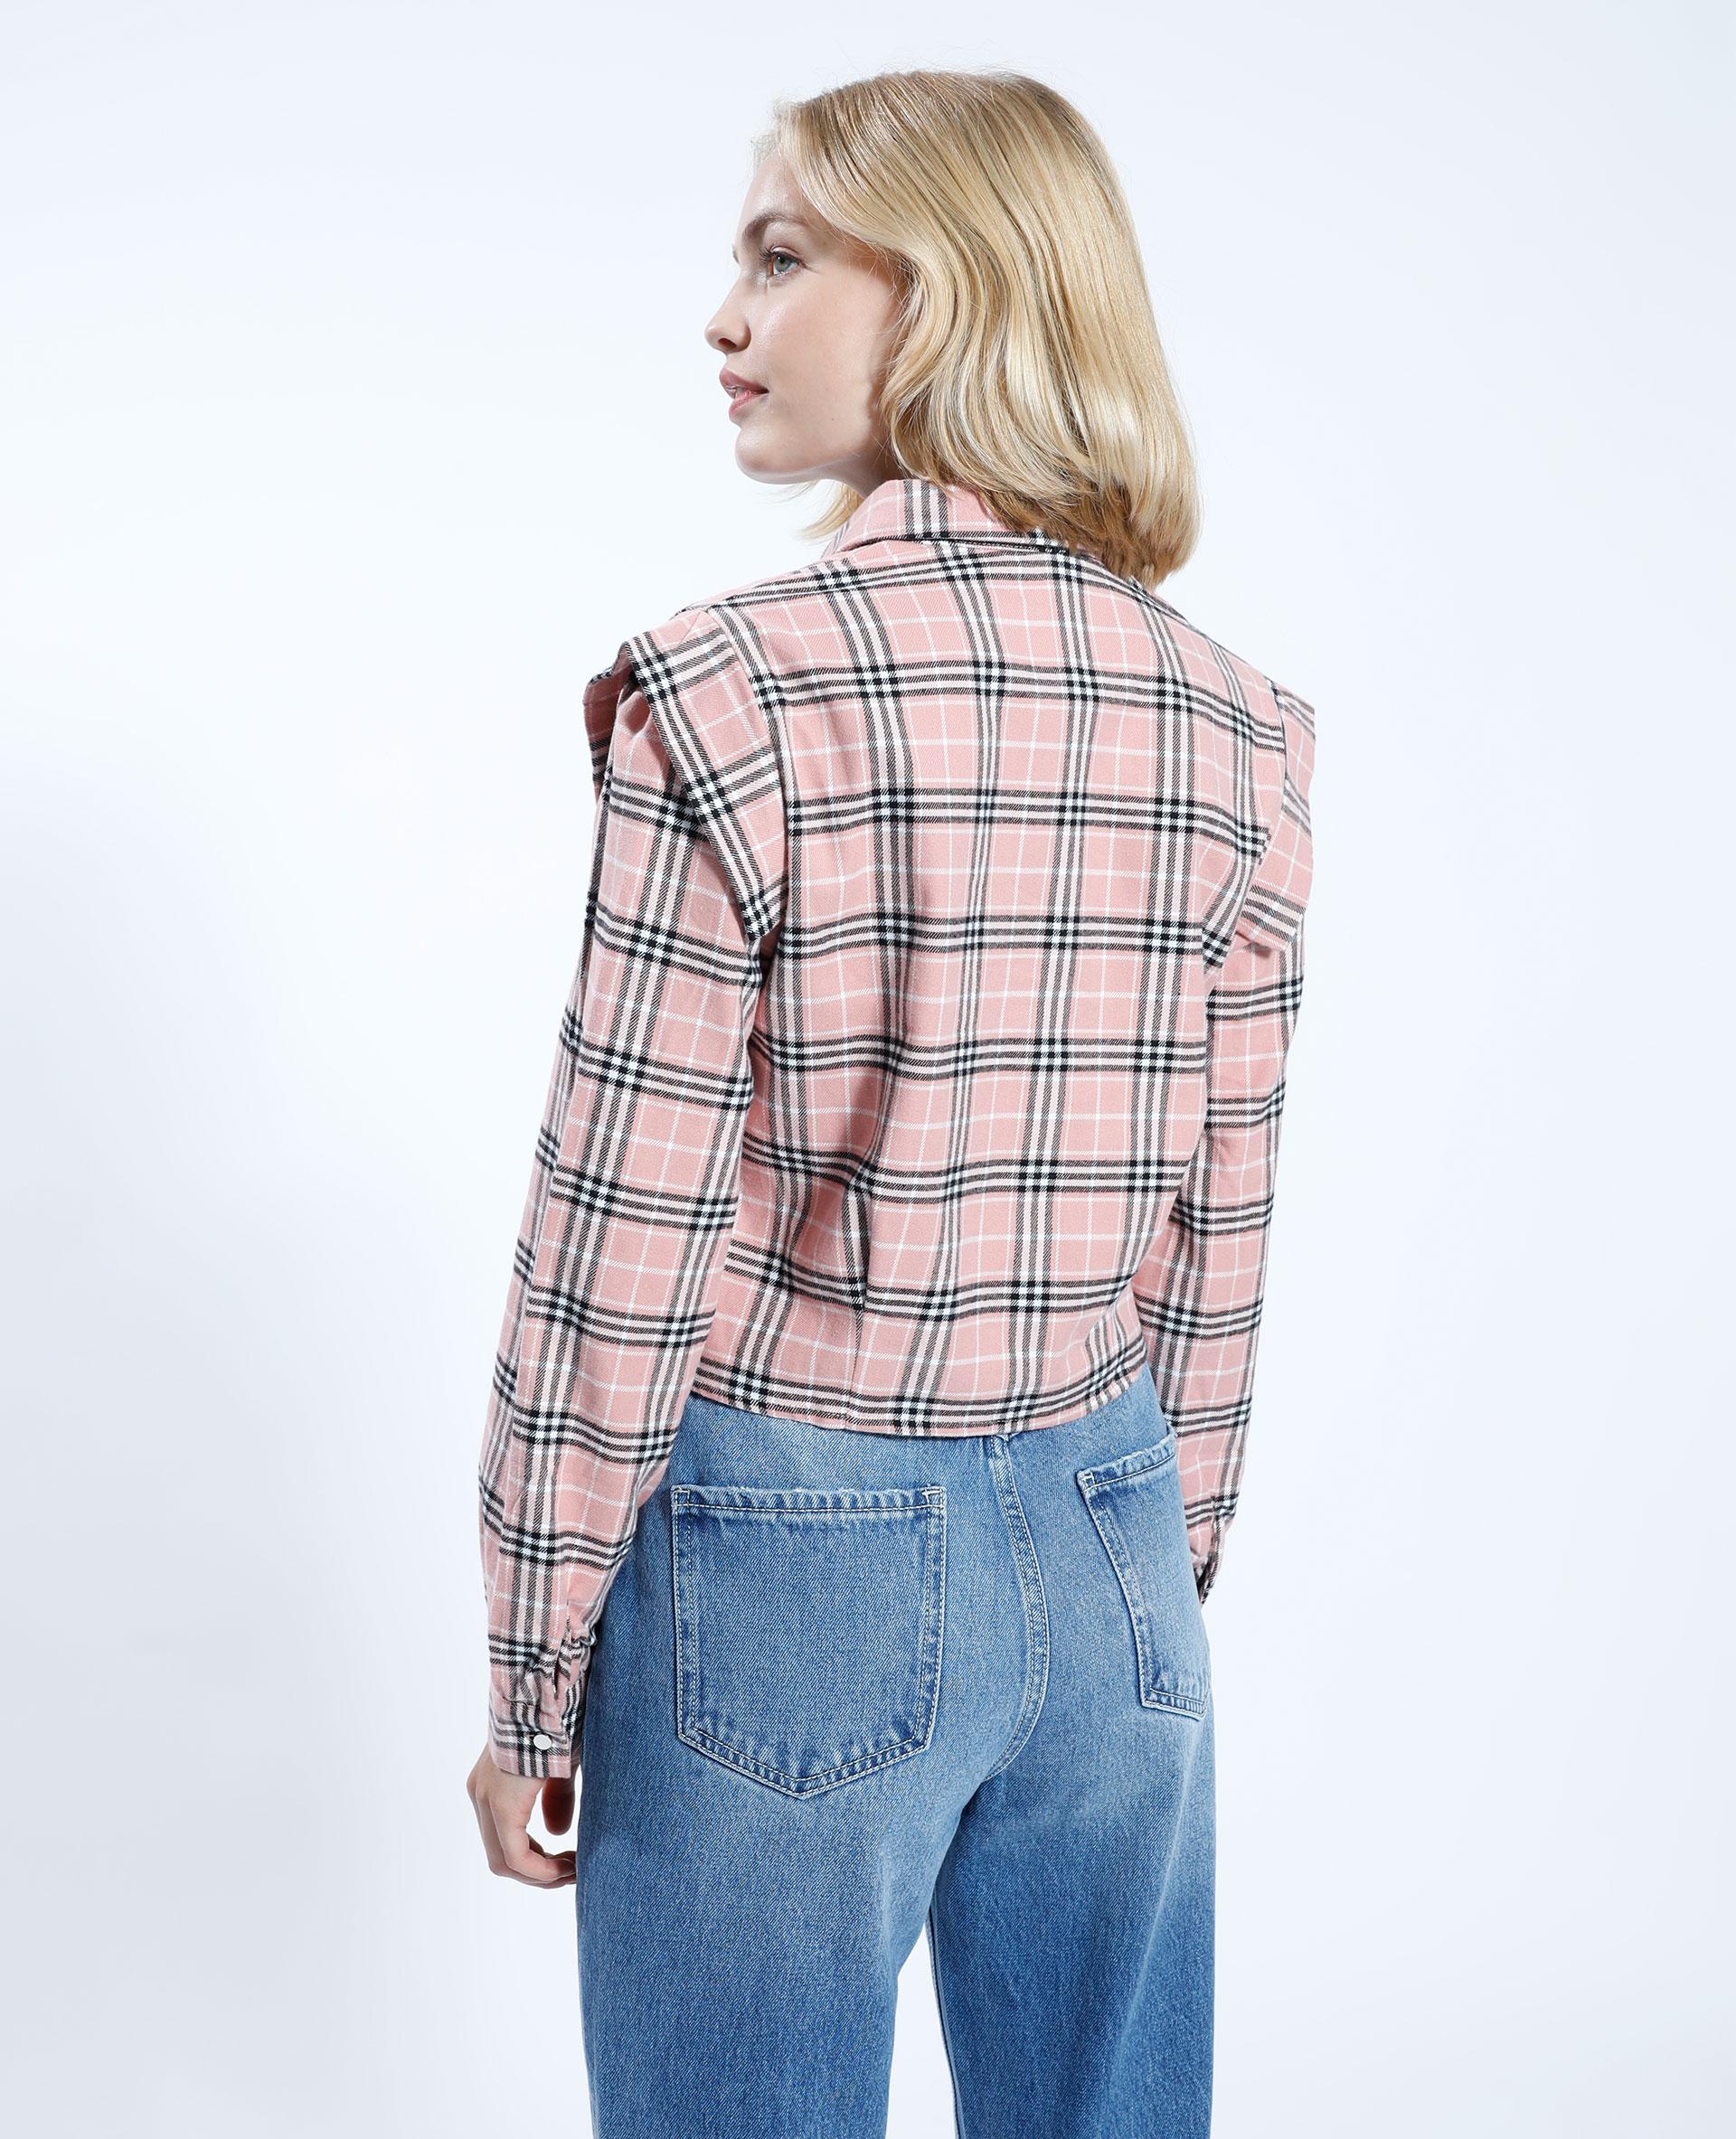 Giacca camicia cropped a quadri rosa - Pimkie